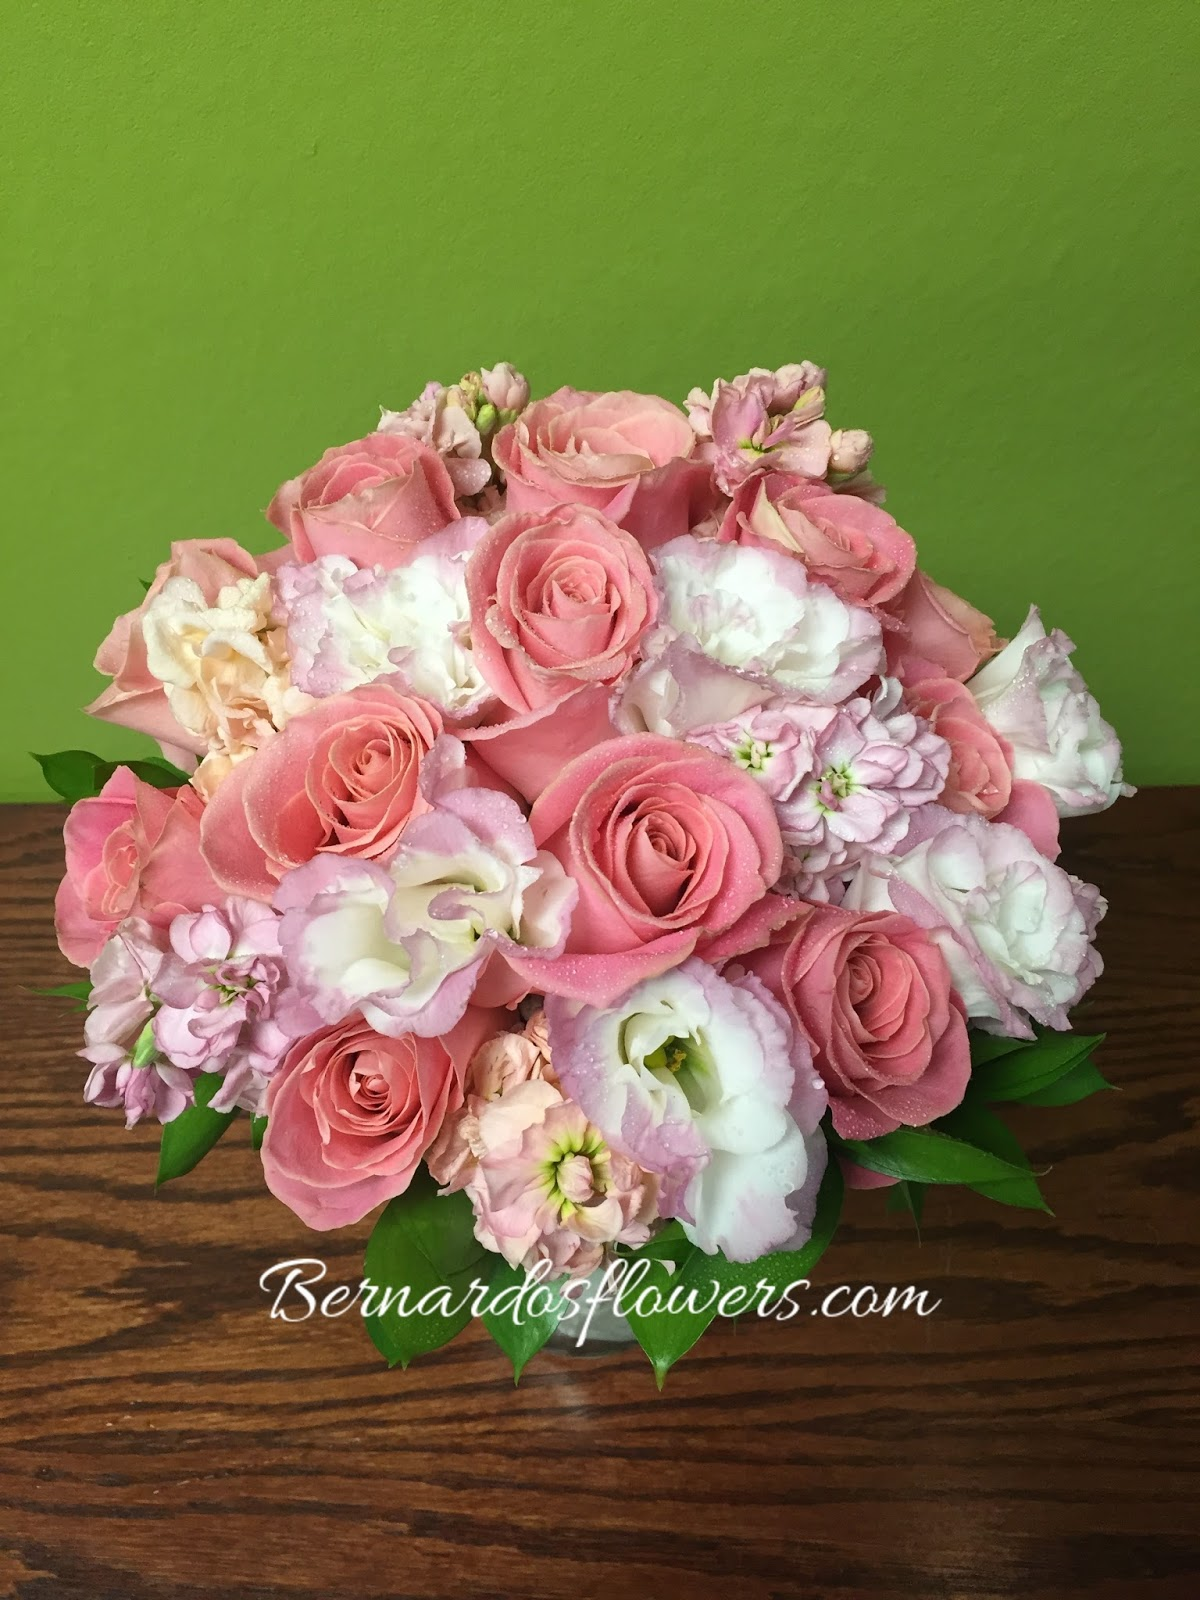 Bernardo\'s Flowers: Hand Held Wedding Bouquet